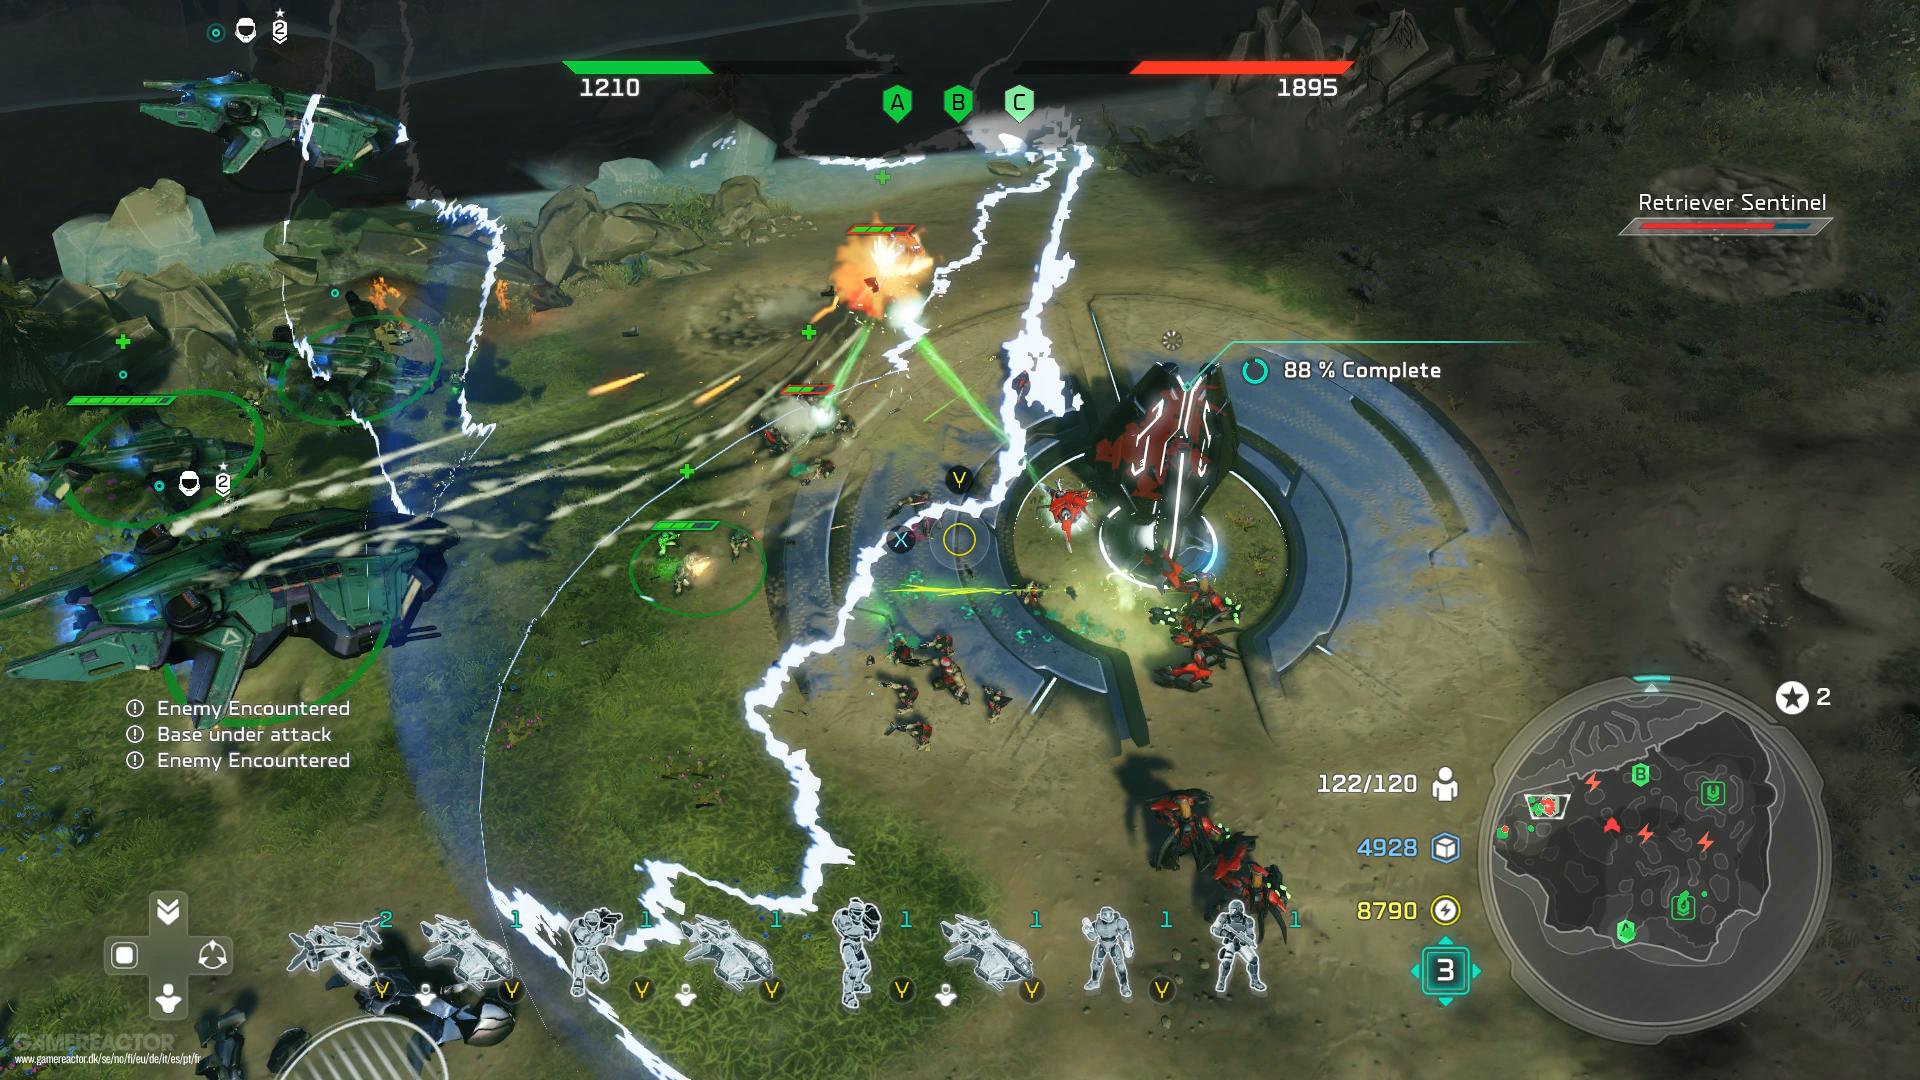 Halo matchmaking zoeken opnieuw starten